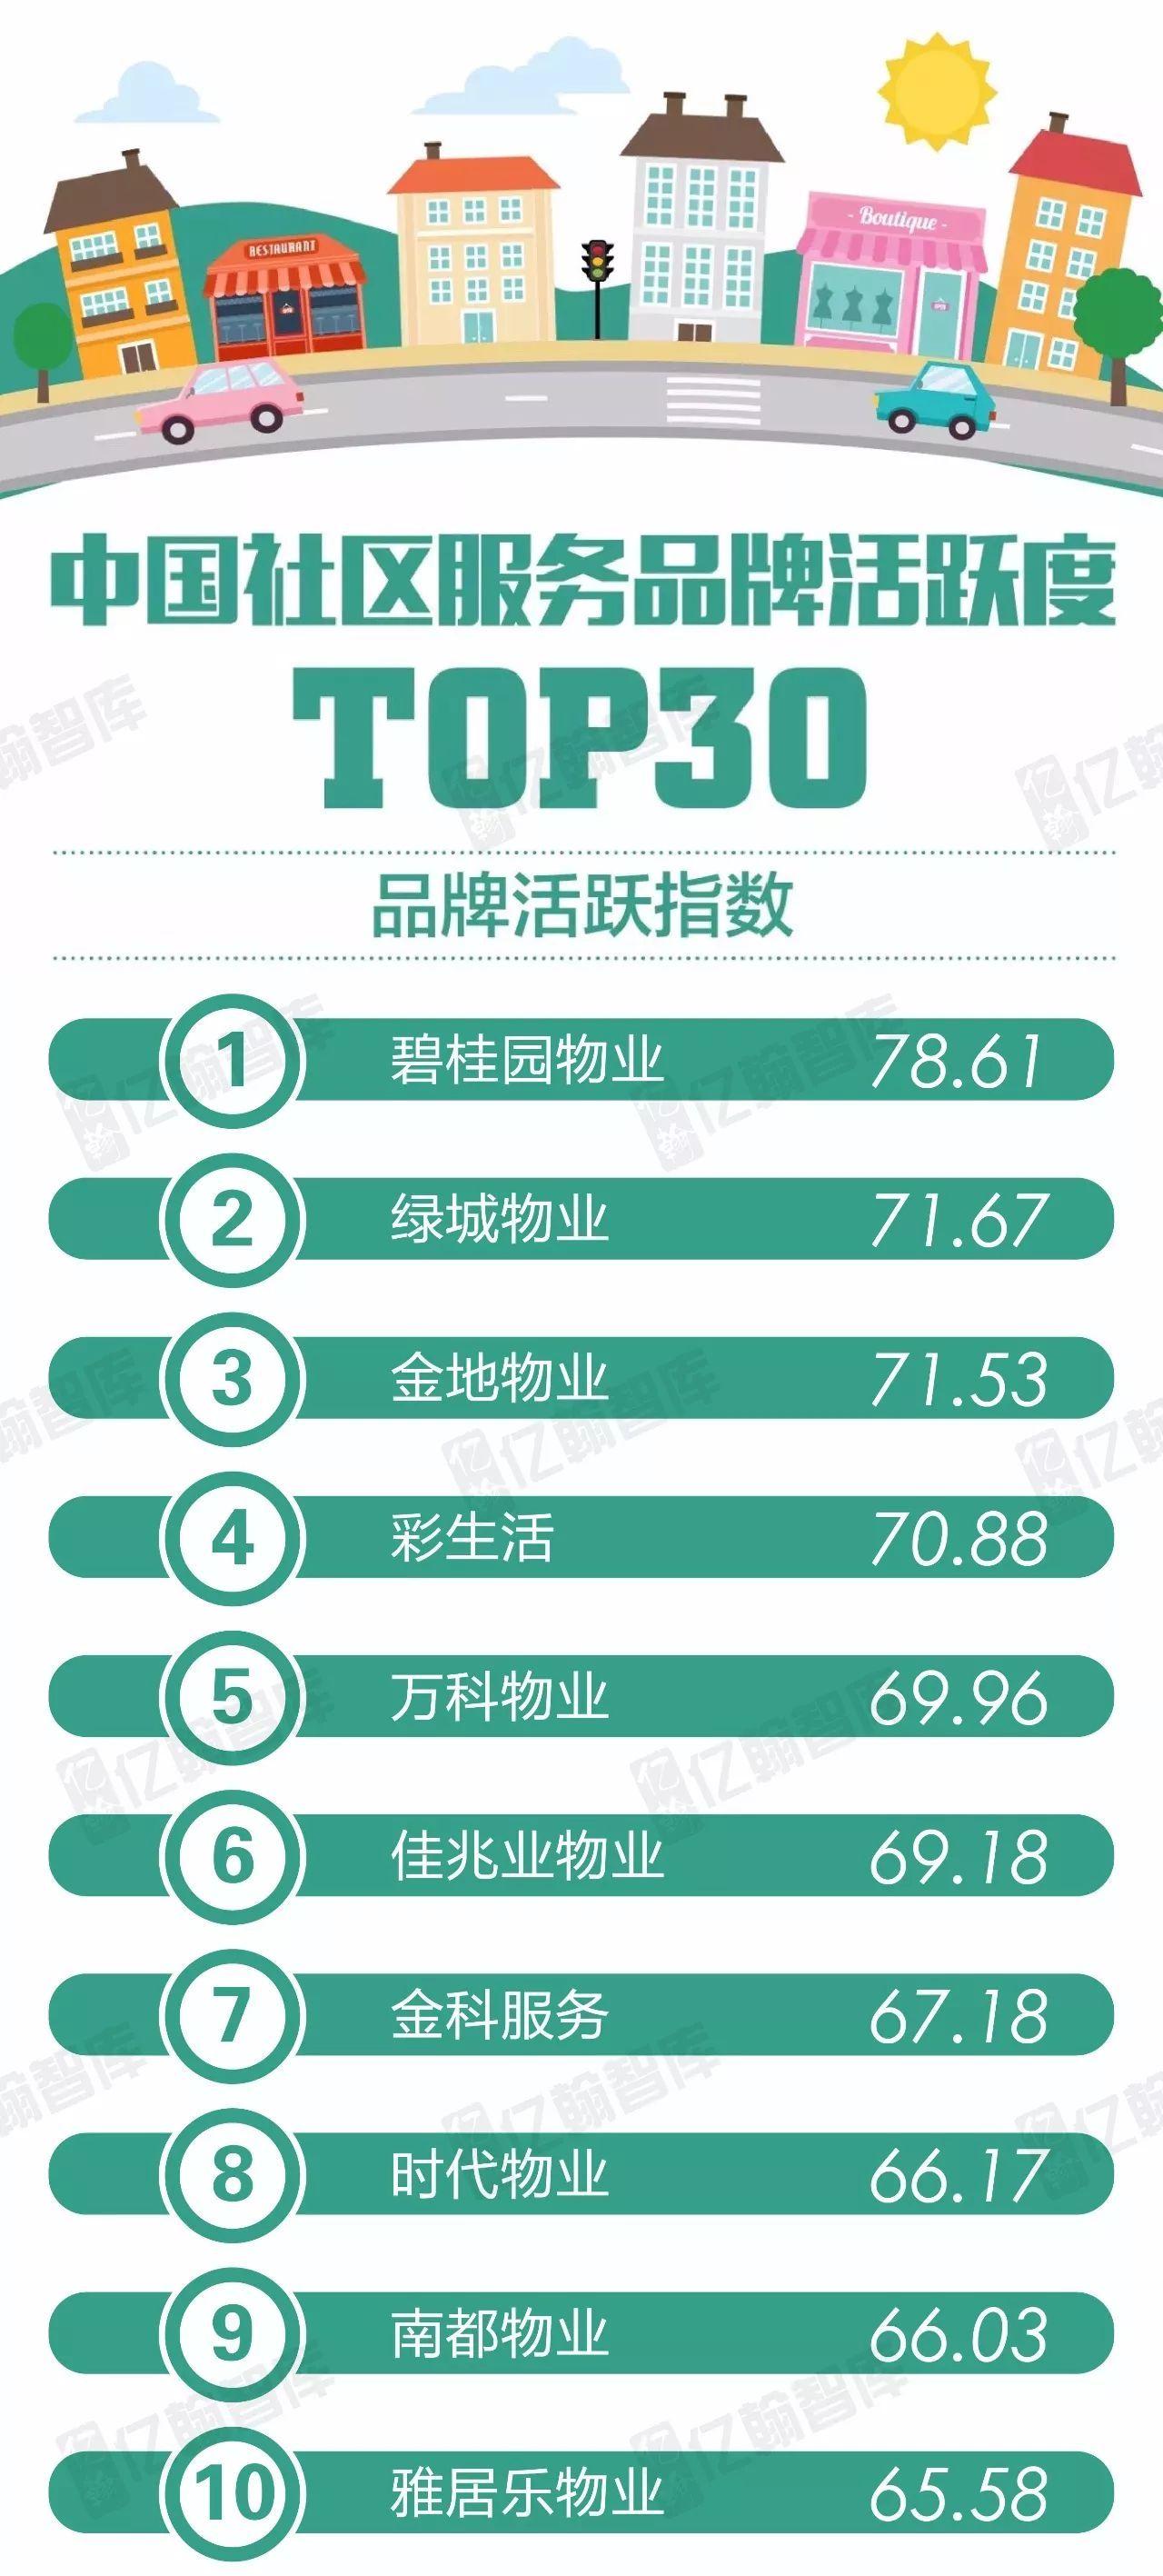 2017年12月中国社区服务品牌活跃度TOP30